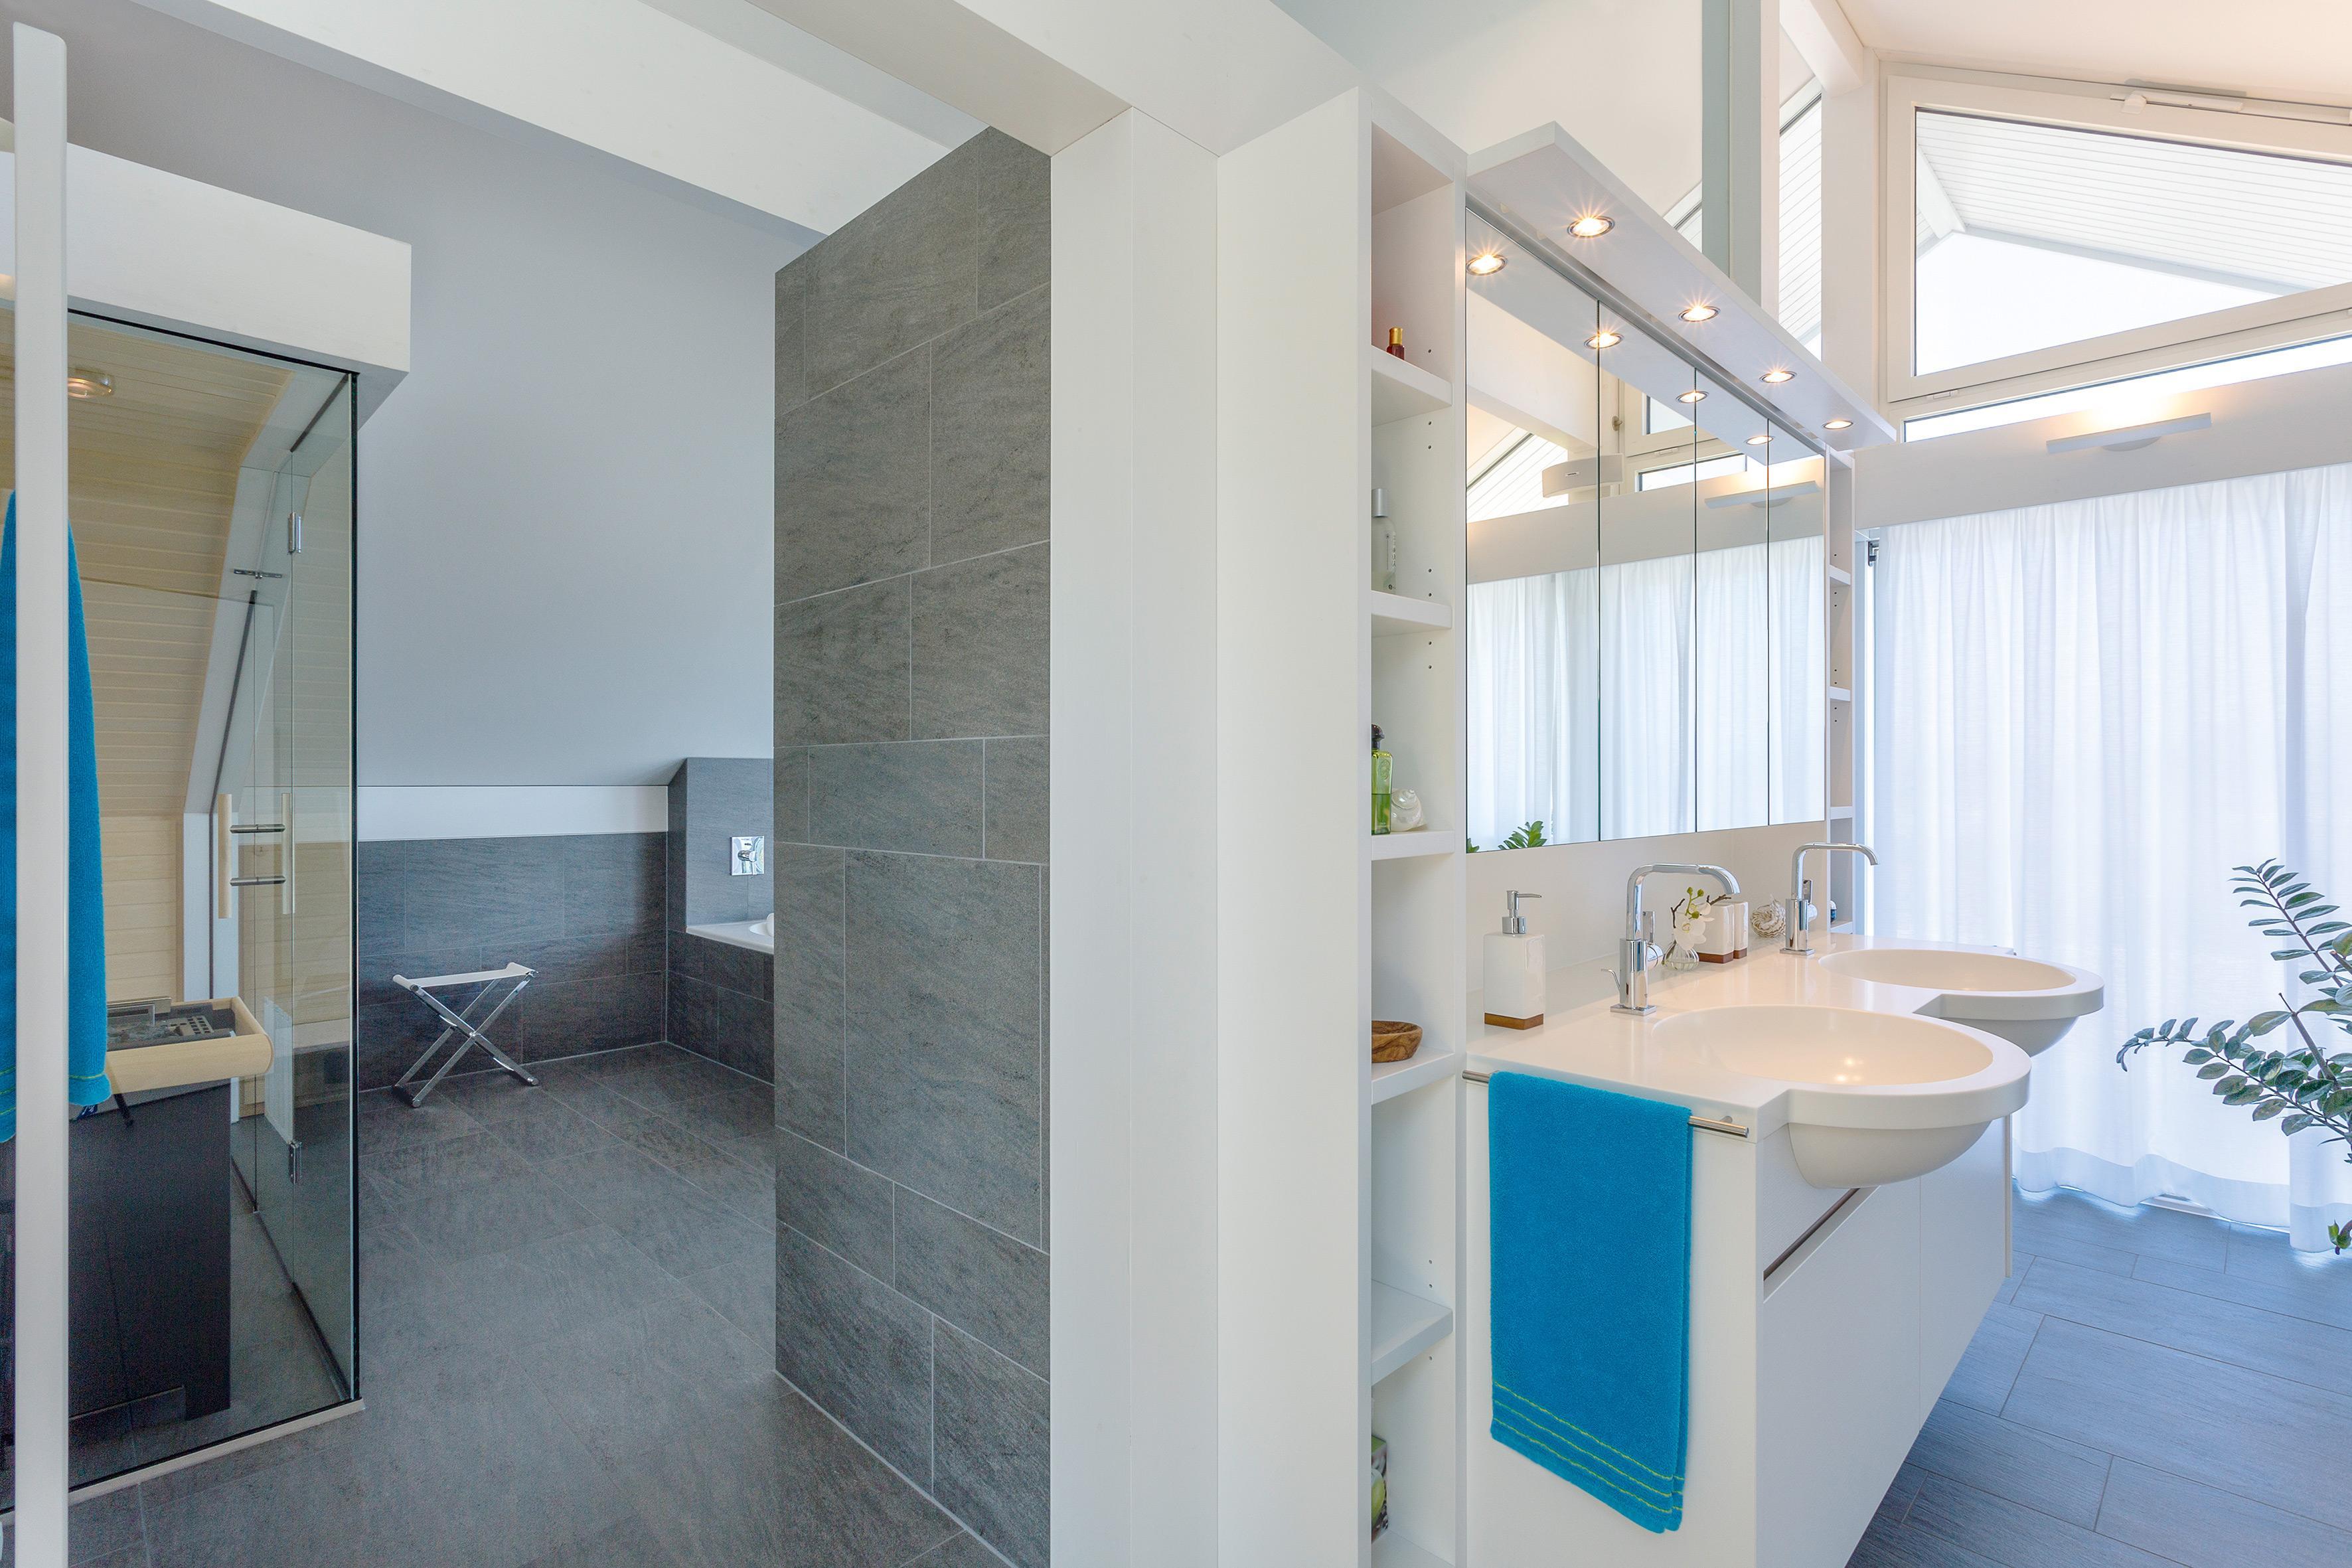 Badezimmer #fliesen #regal #spiegel #grauefliesen #sauna ©HUF Haus